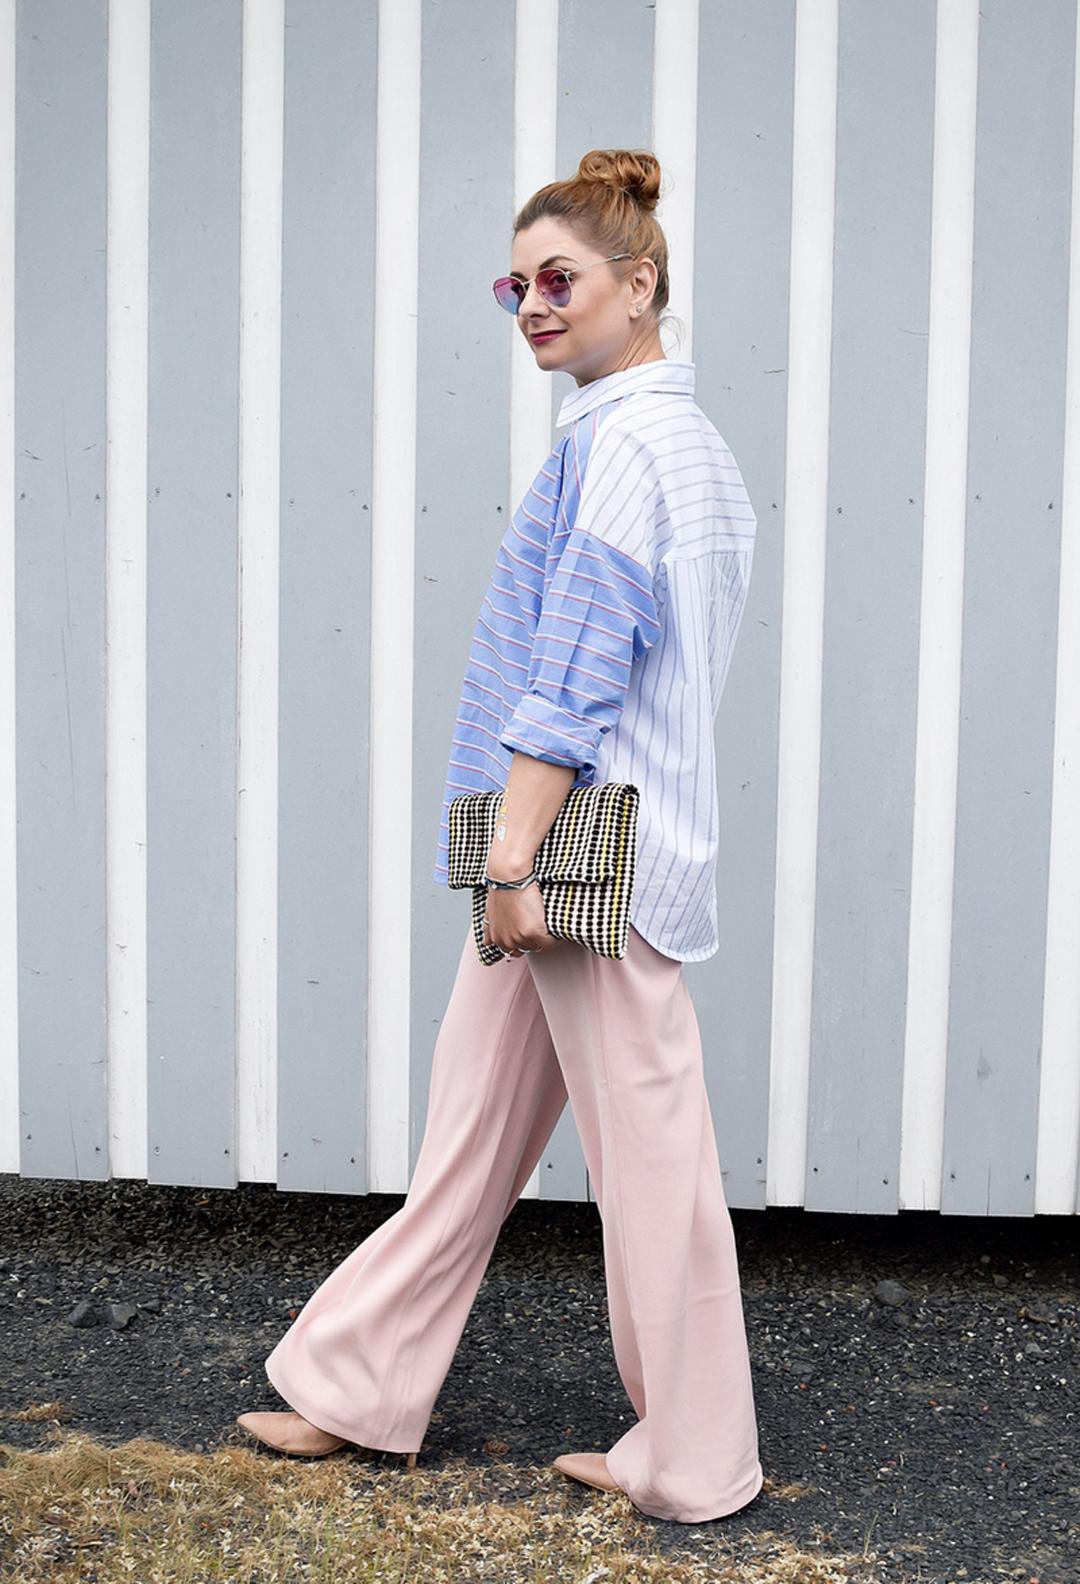 Modeinspiration für Frauen, Fashionblog für Ü40 Frauen